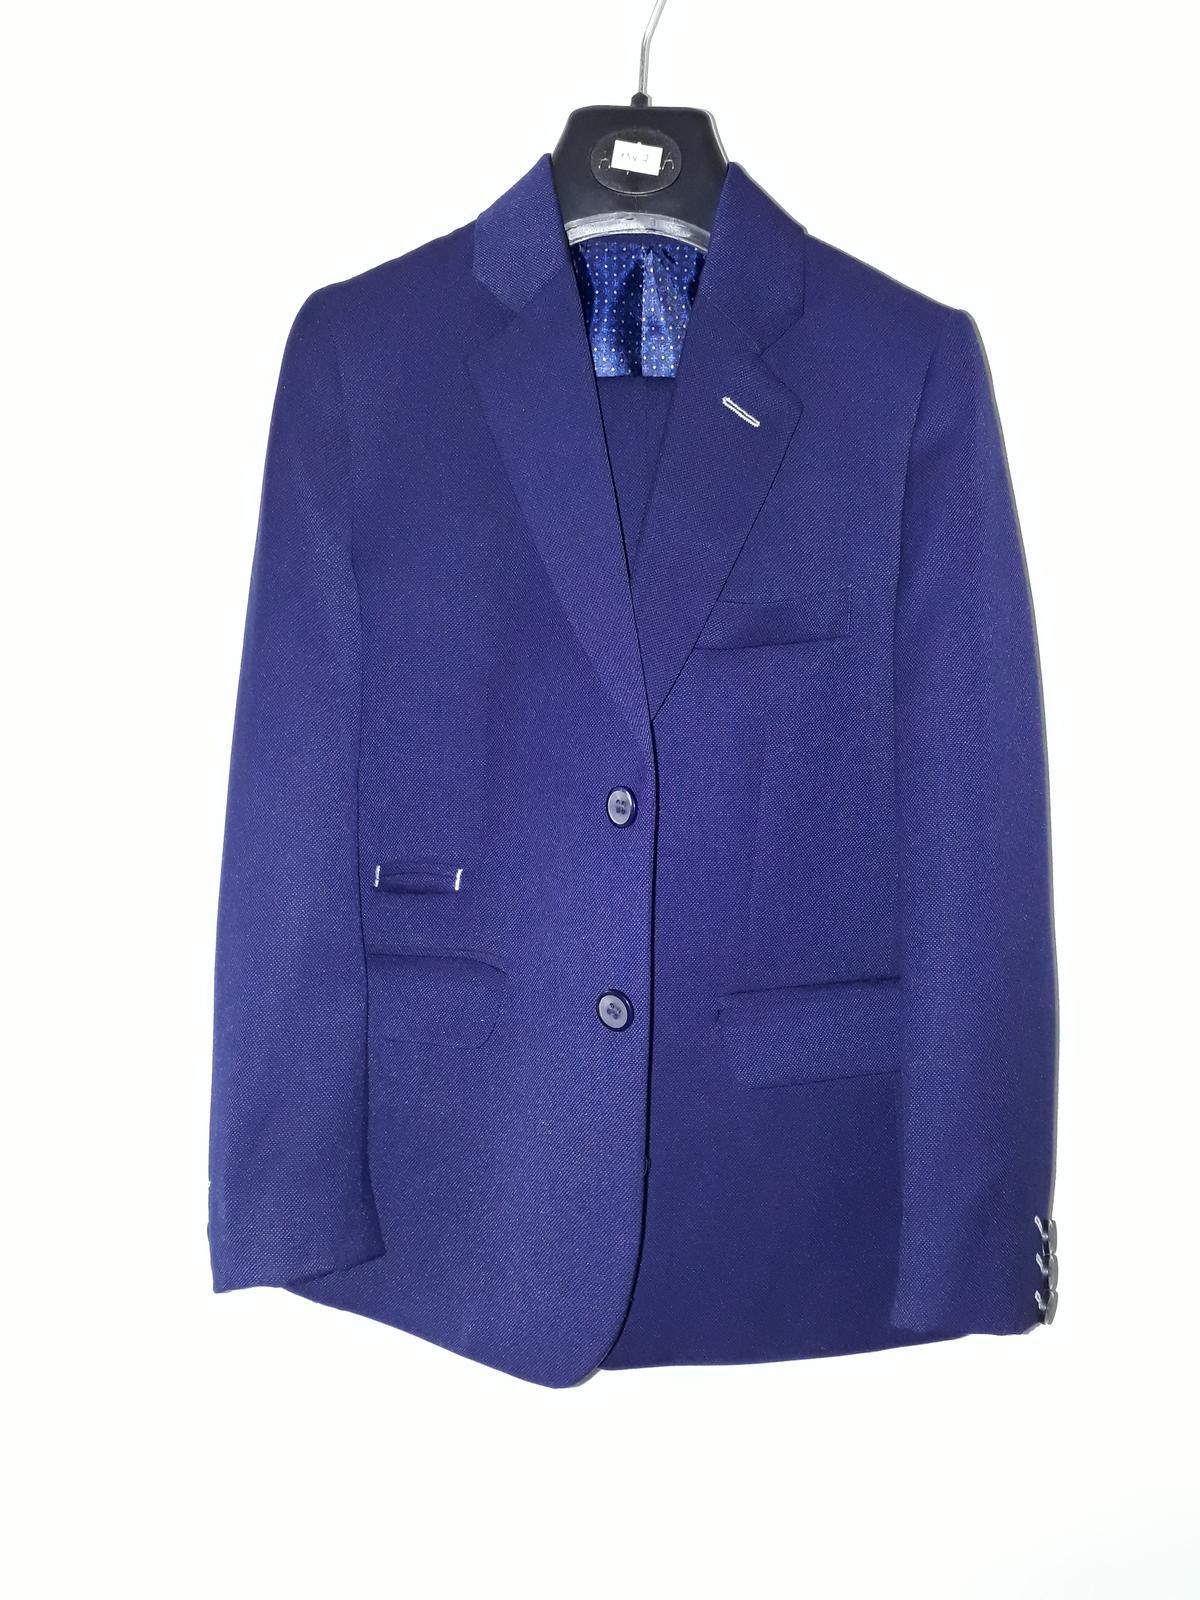 Chlapecký oblek vel. 134 - tmavě modrý - Obrázek č. 1